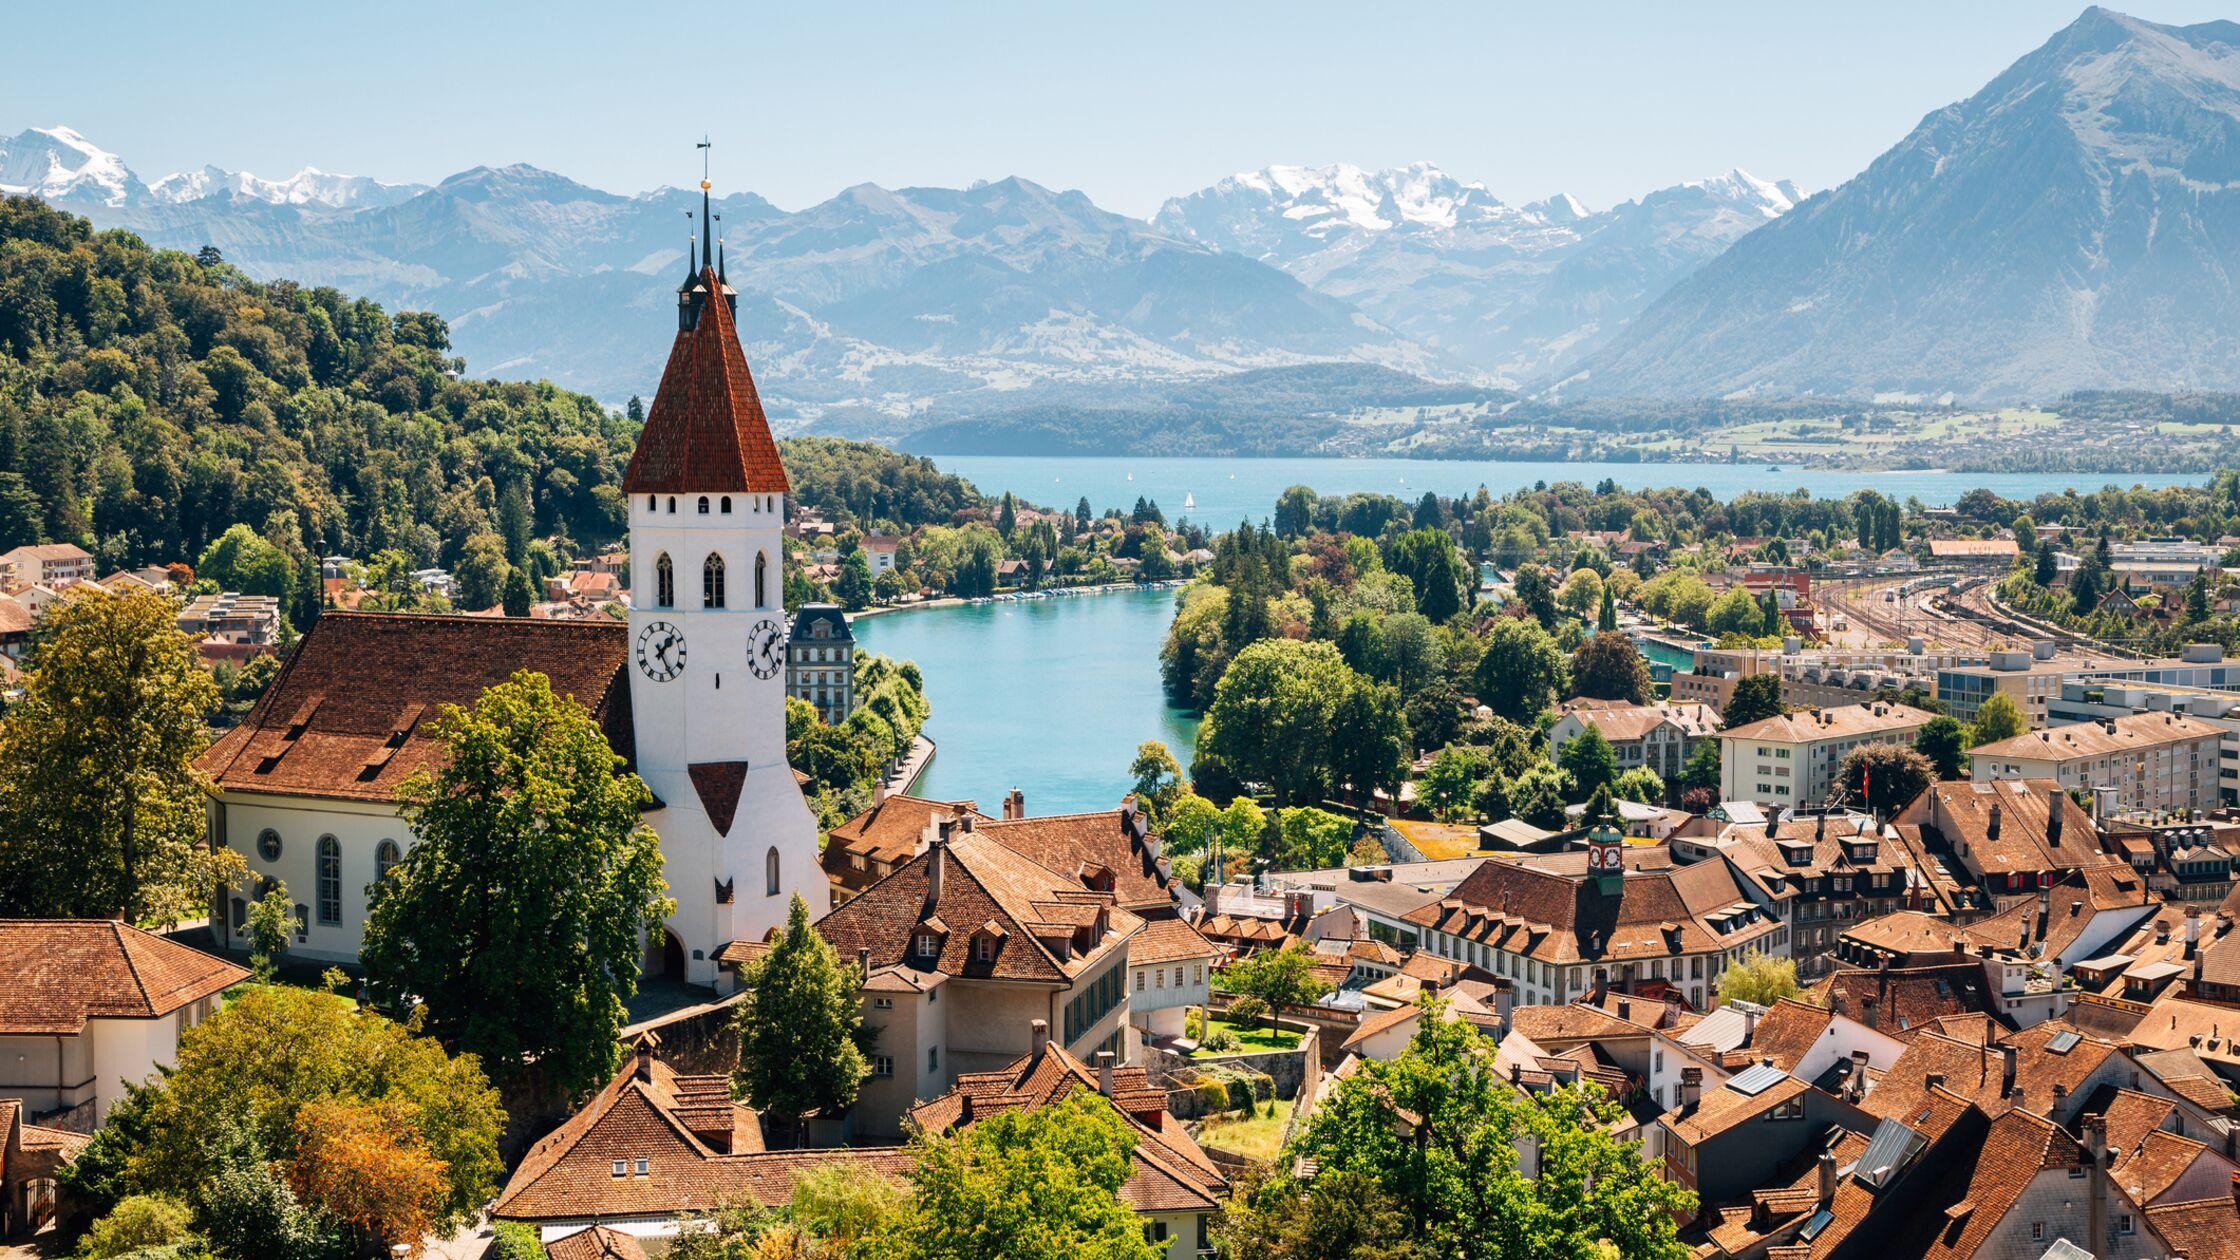 Idyllische Kleinstadt in der Schweiz